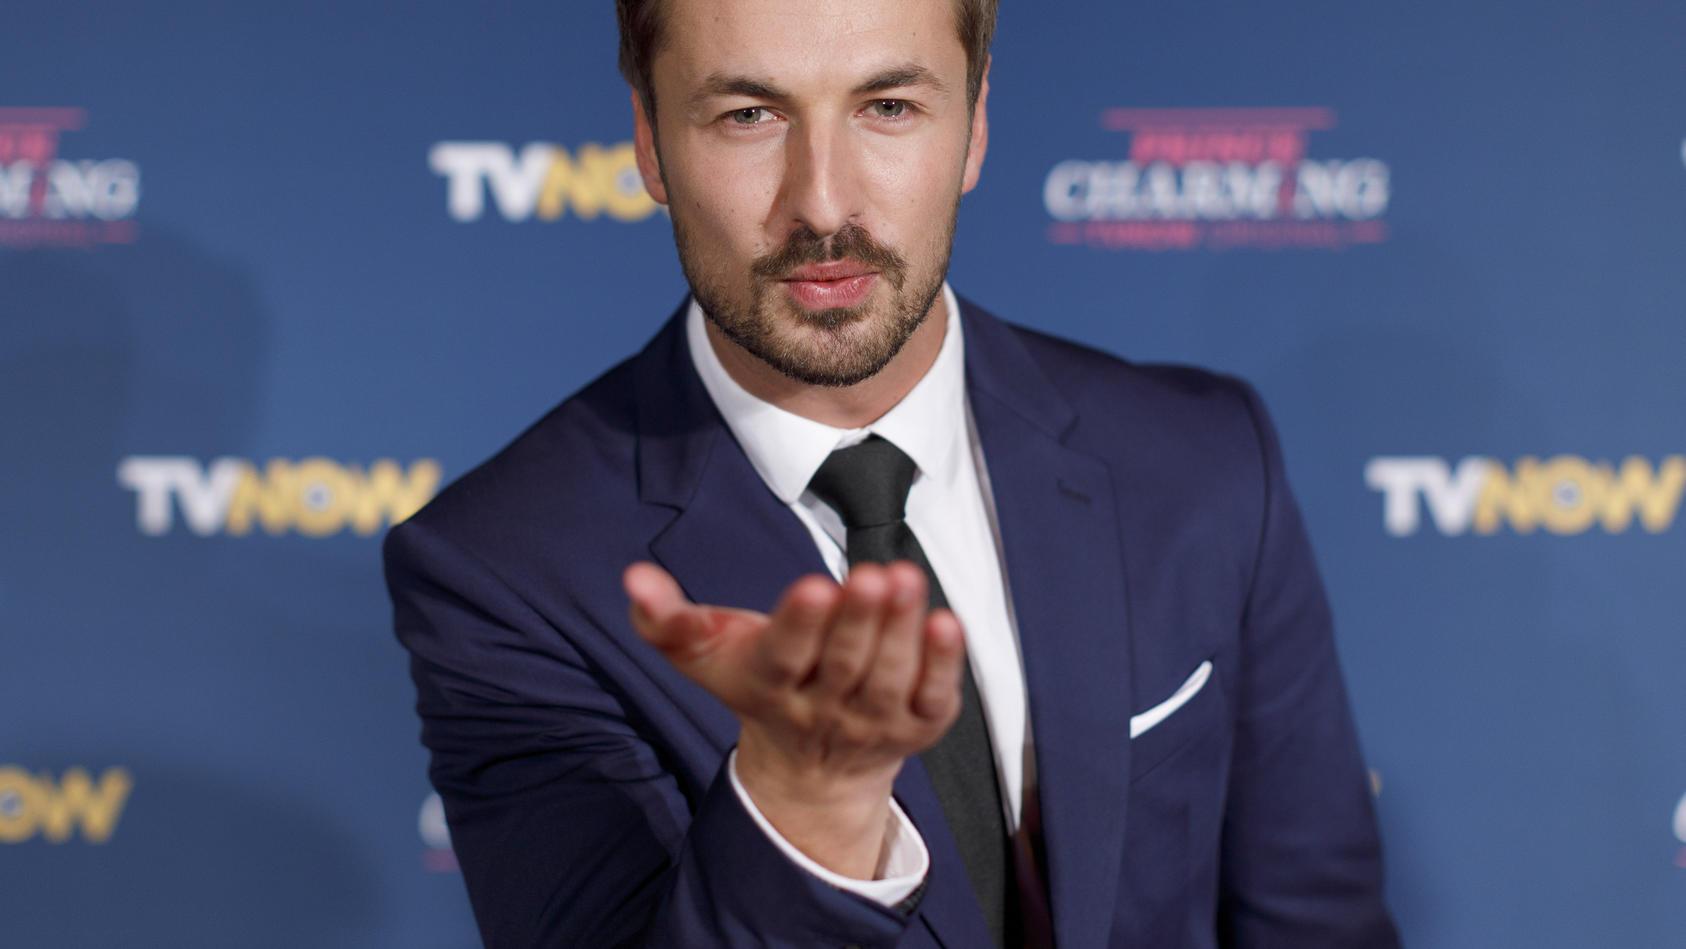 Nicolas Puschmann war der allererste Prince Charming - jetzt hofft die Kuppelshow auf einen Grimme-Preis.